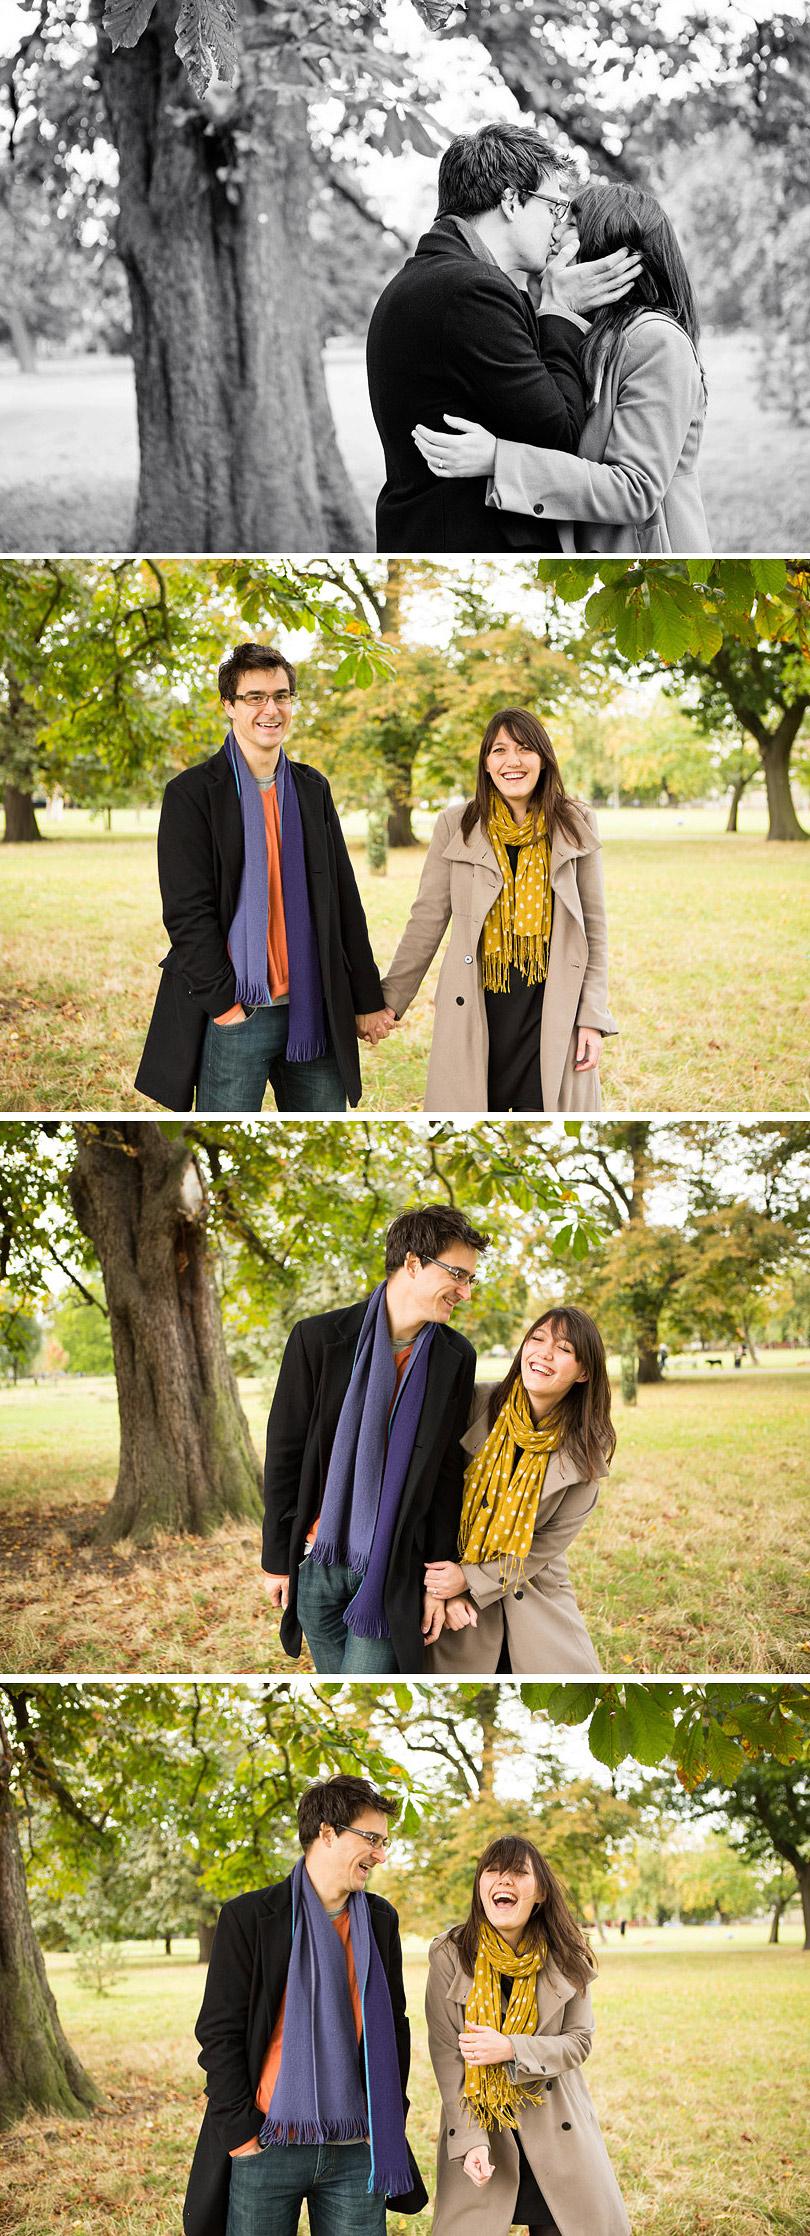 Vicky&Lewis-Beloved-2.jpg